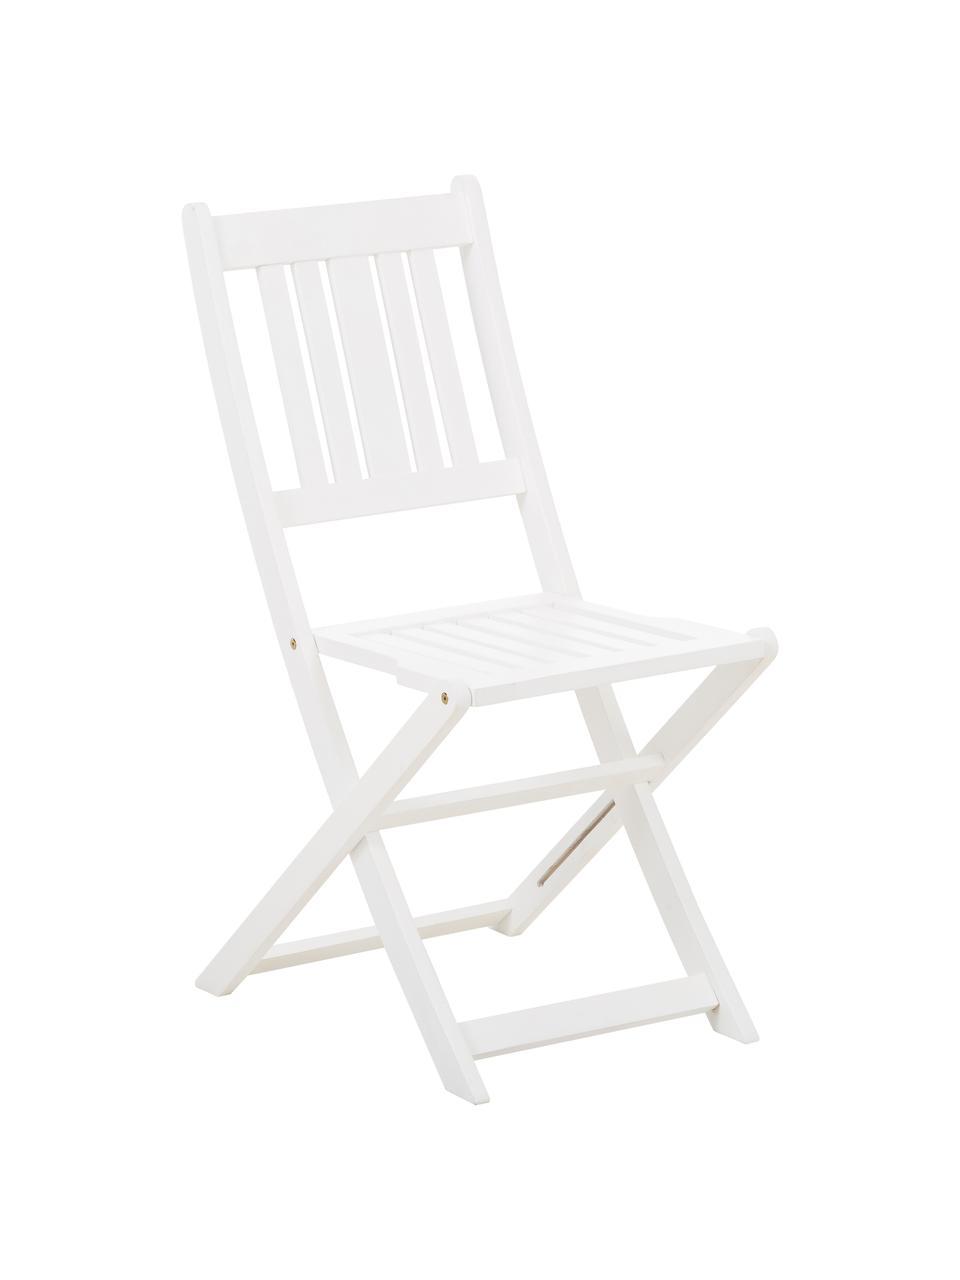 Salon de jardin en bois blanc Skyler, 3élém., Blanc